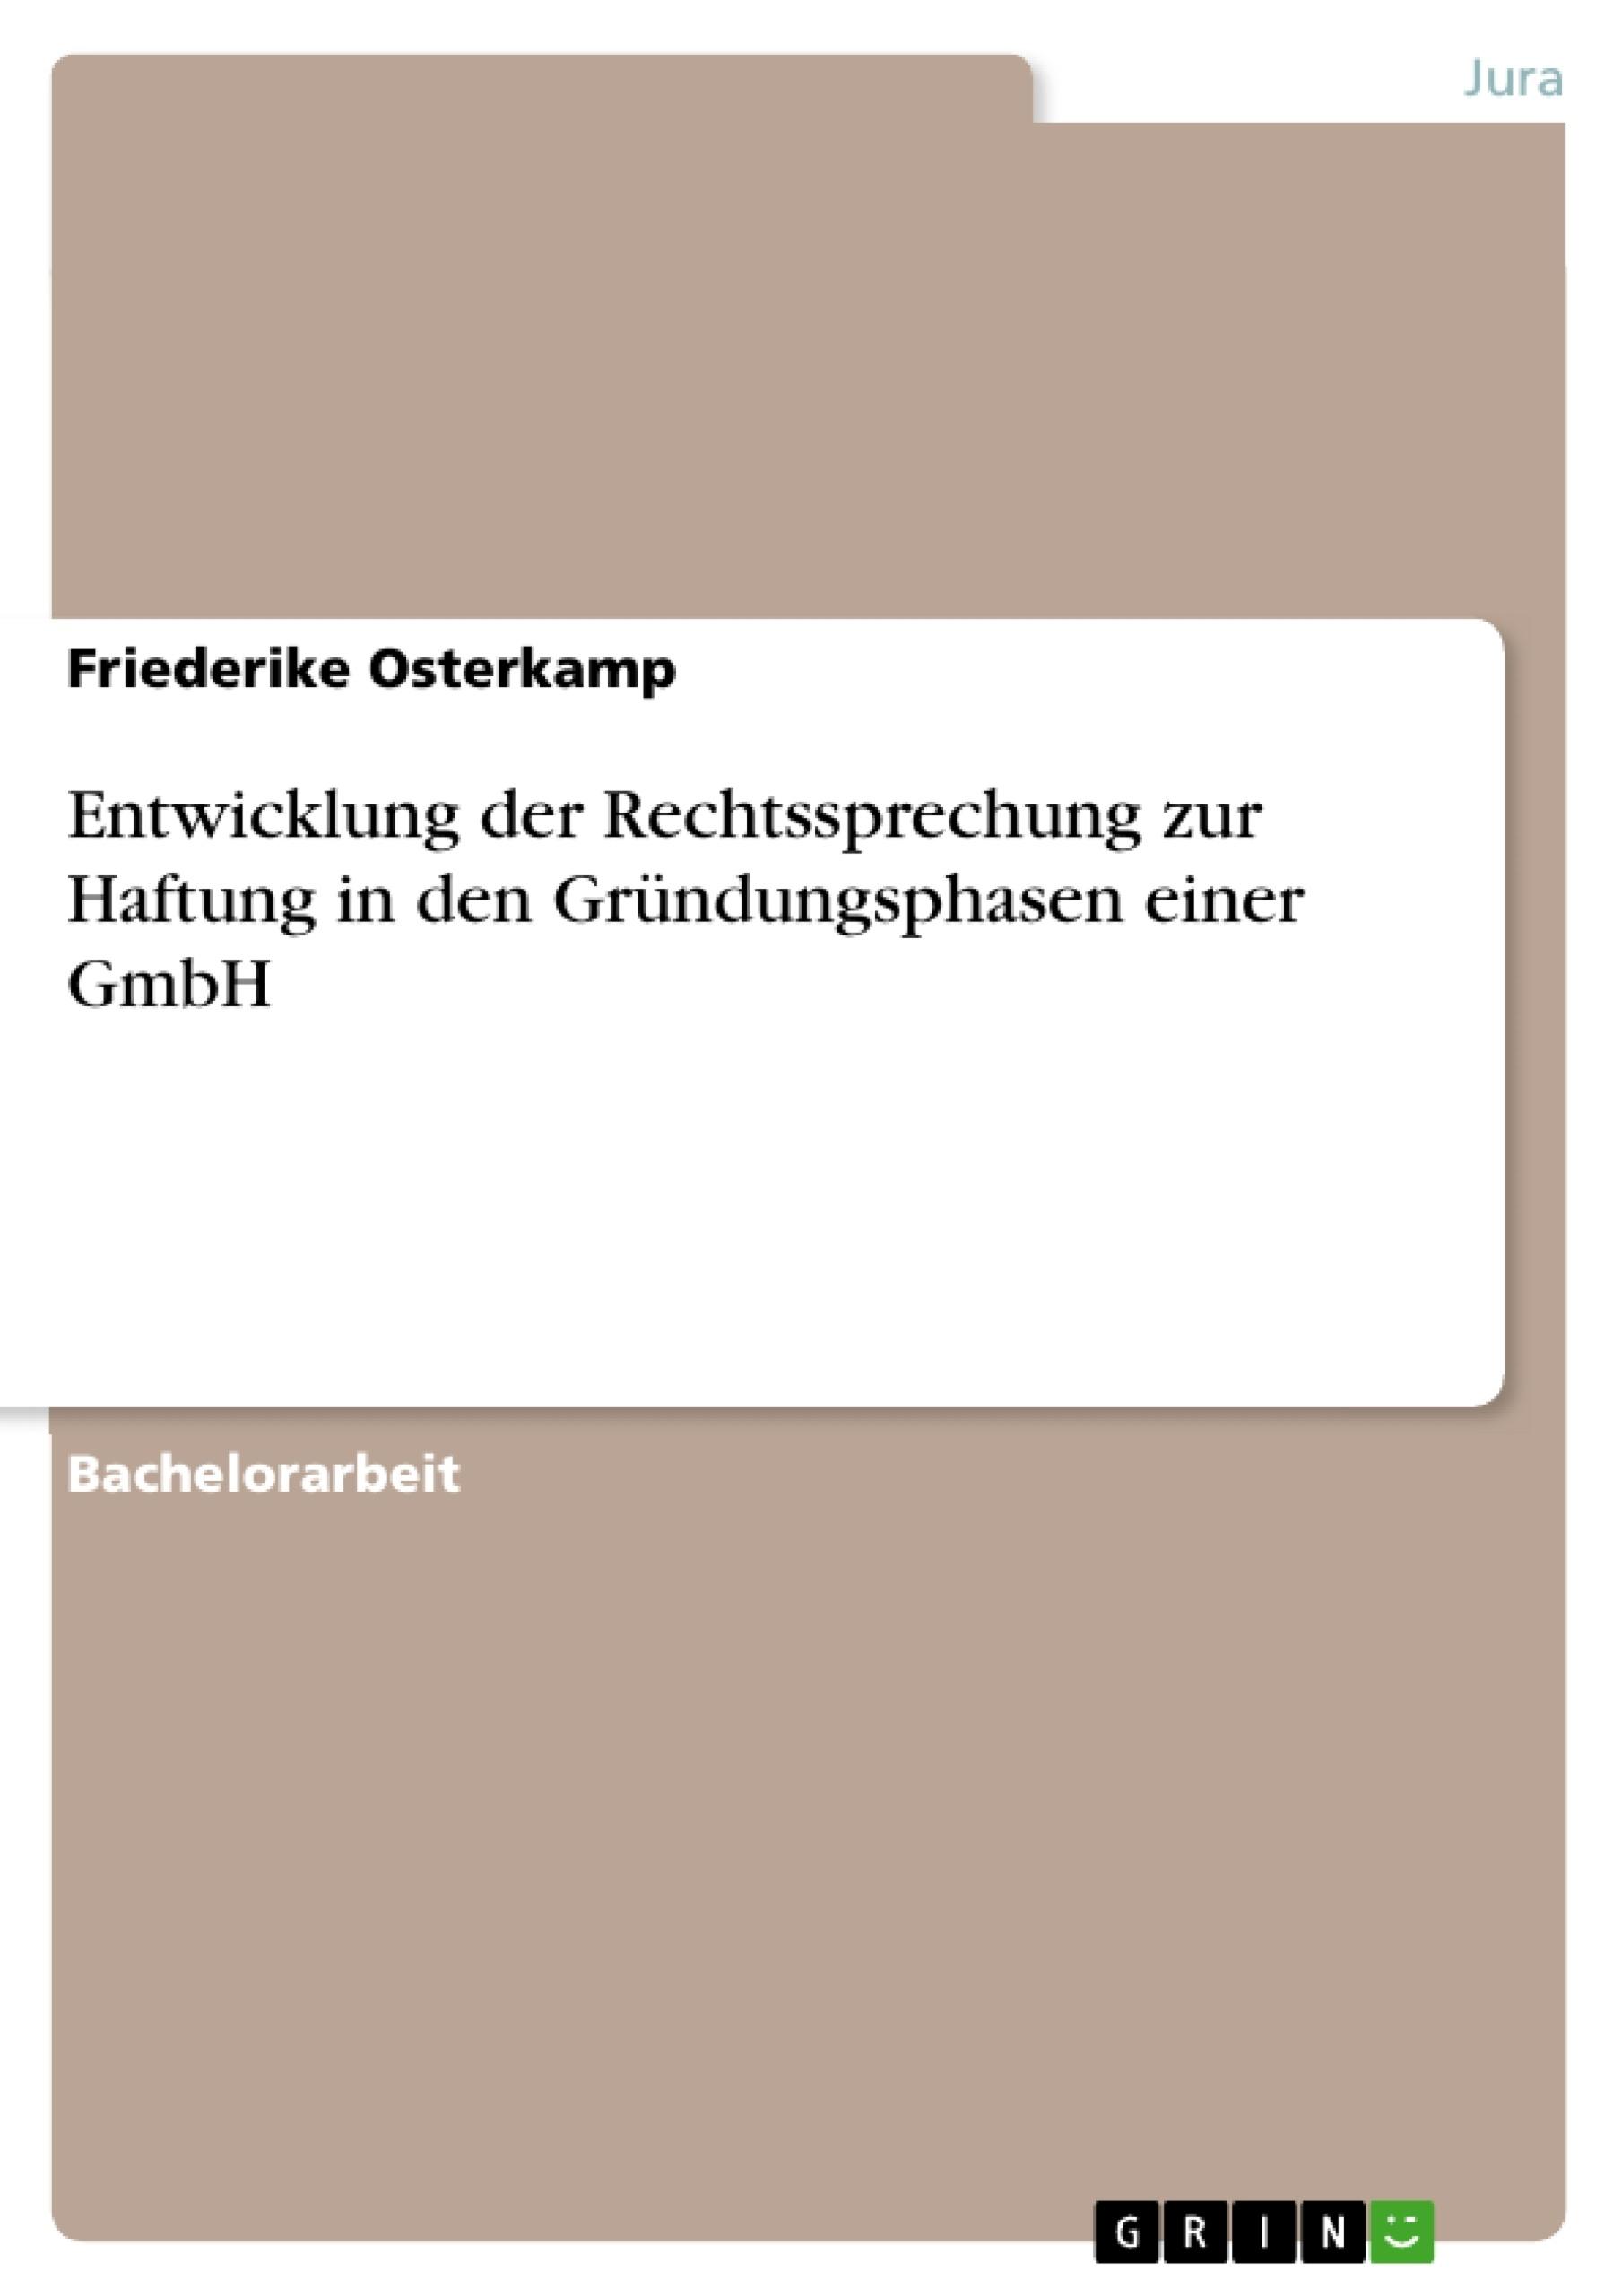 Titel: Entwicklung der Rechtssprechung zur Haftung in den Gründungsphasen einer GmbH